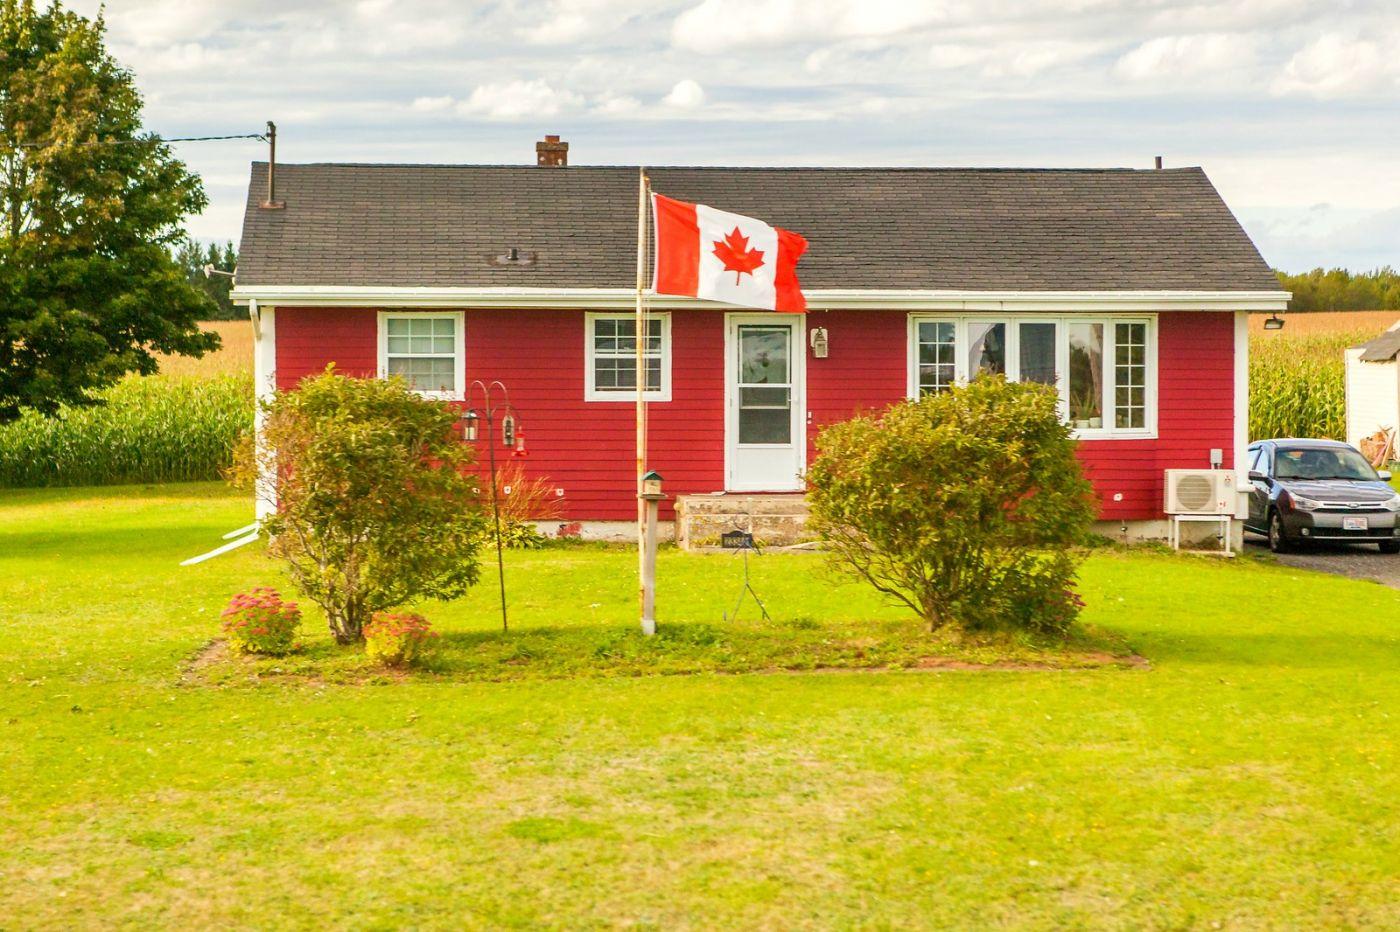 加拿大路途,安居乐业_图1-16